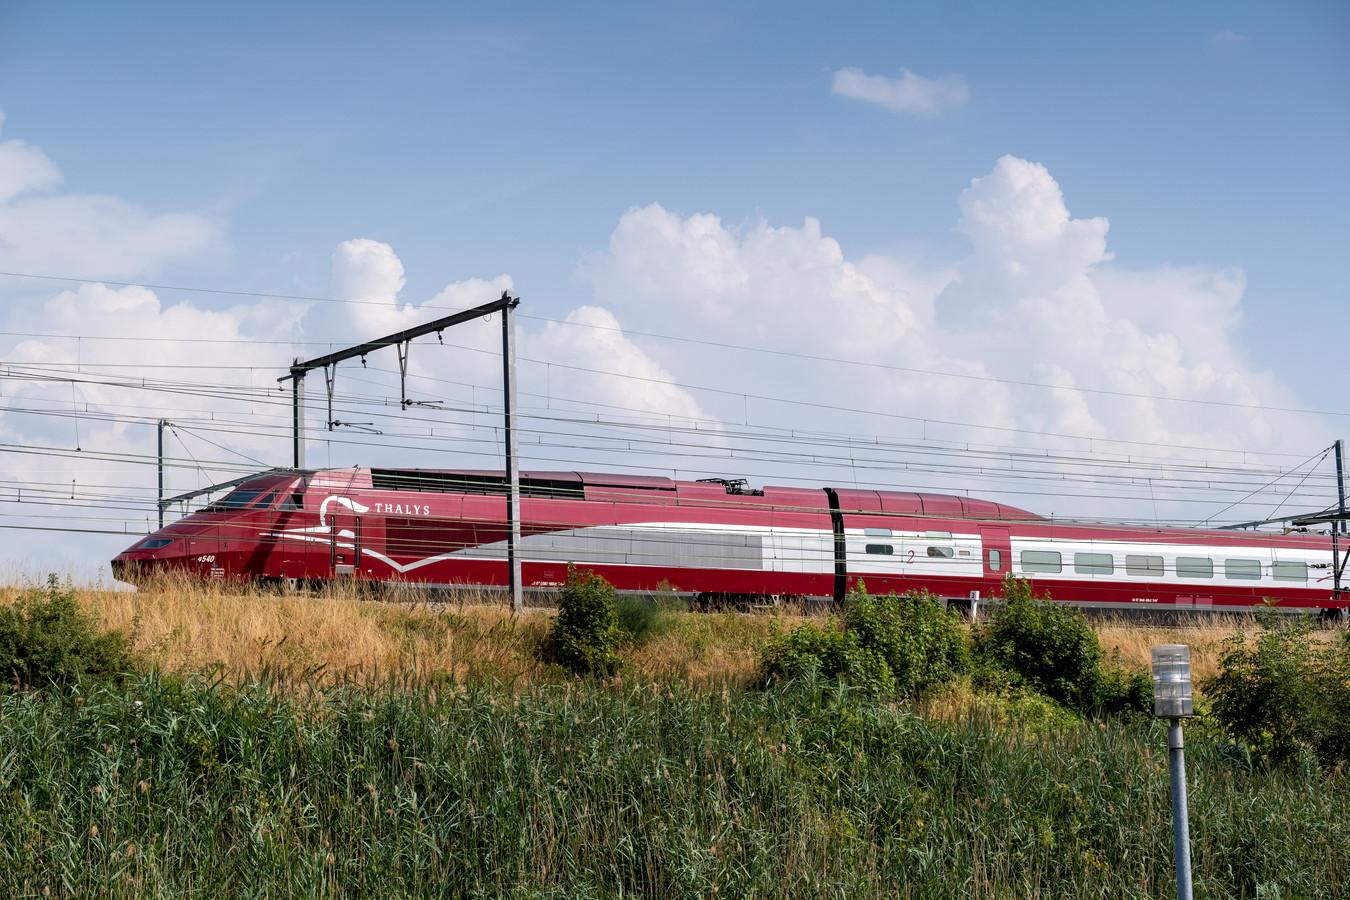 Een Thalystrein stond gisteren stil tussen Mechelen Station en Mechelen Nekkerspoel bij een buitentemperatuur van 42 graden.